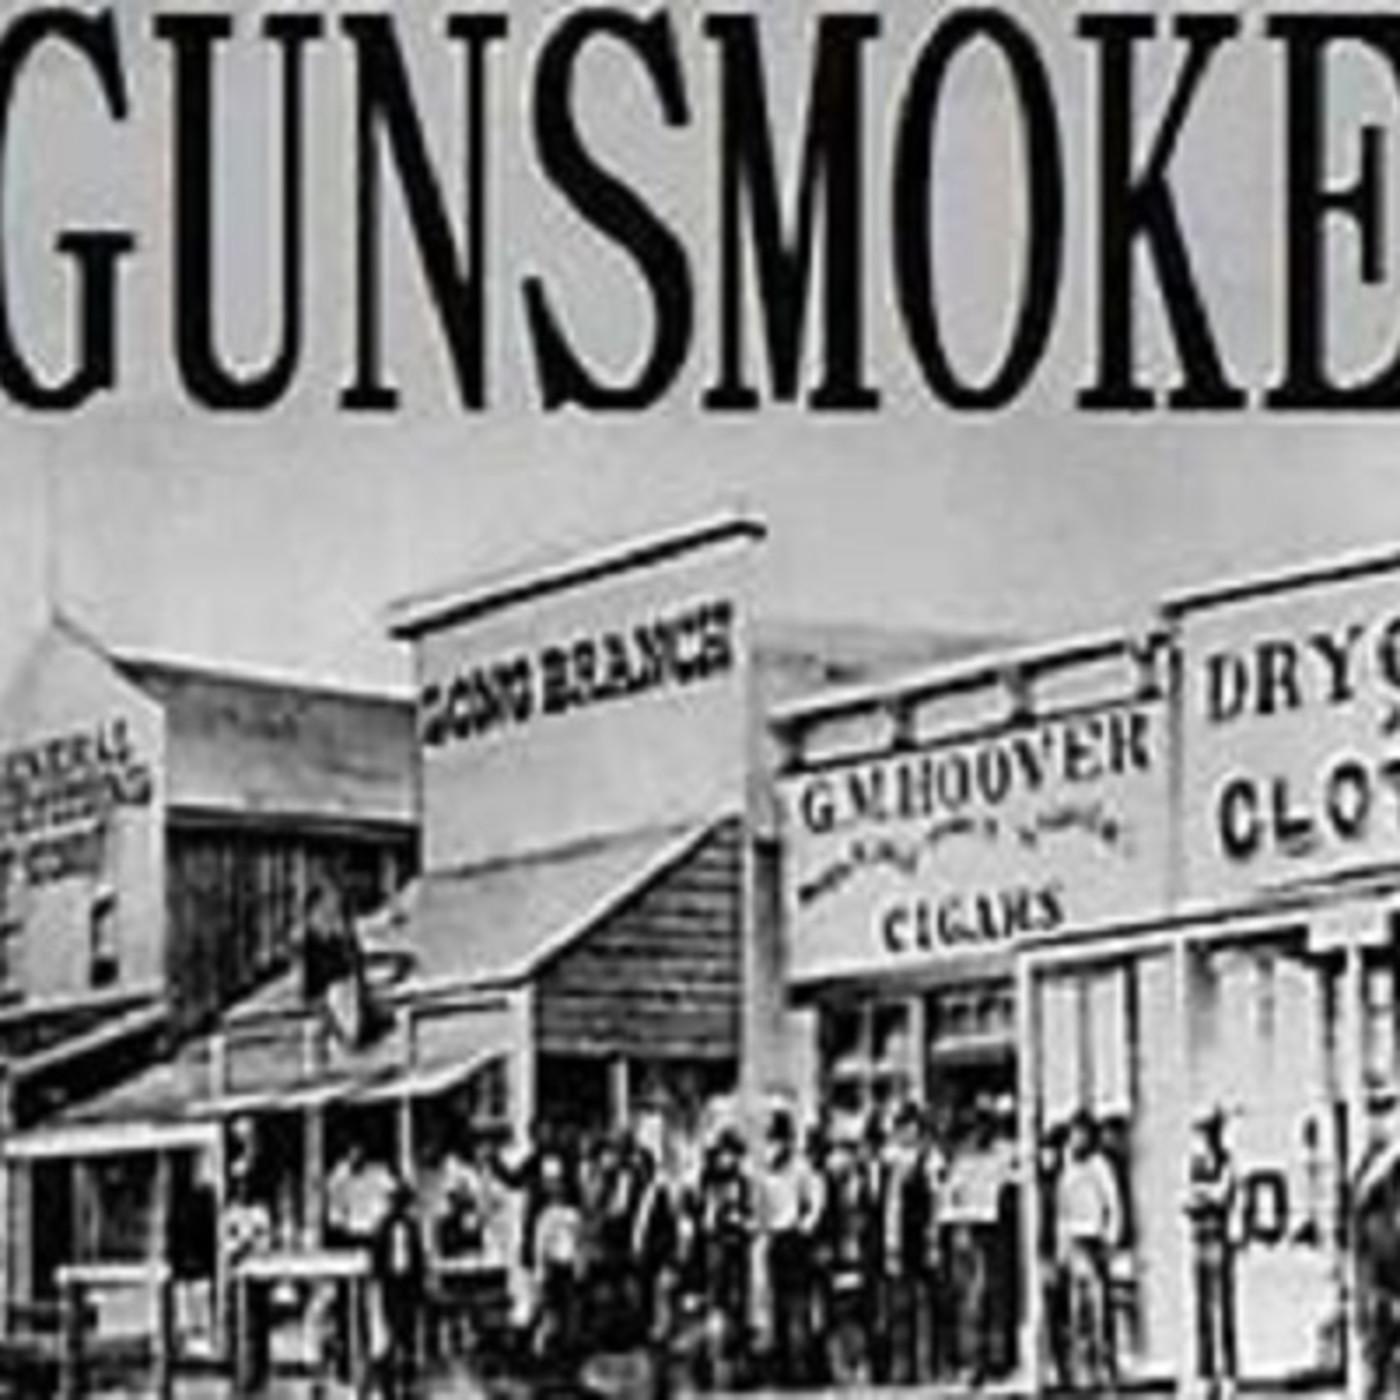 Gunsmoke 61-04-30 (473) Ex-Urbanites